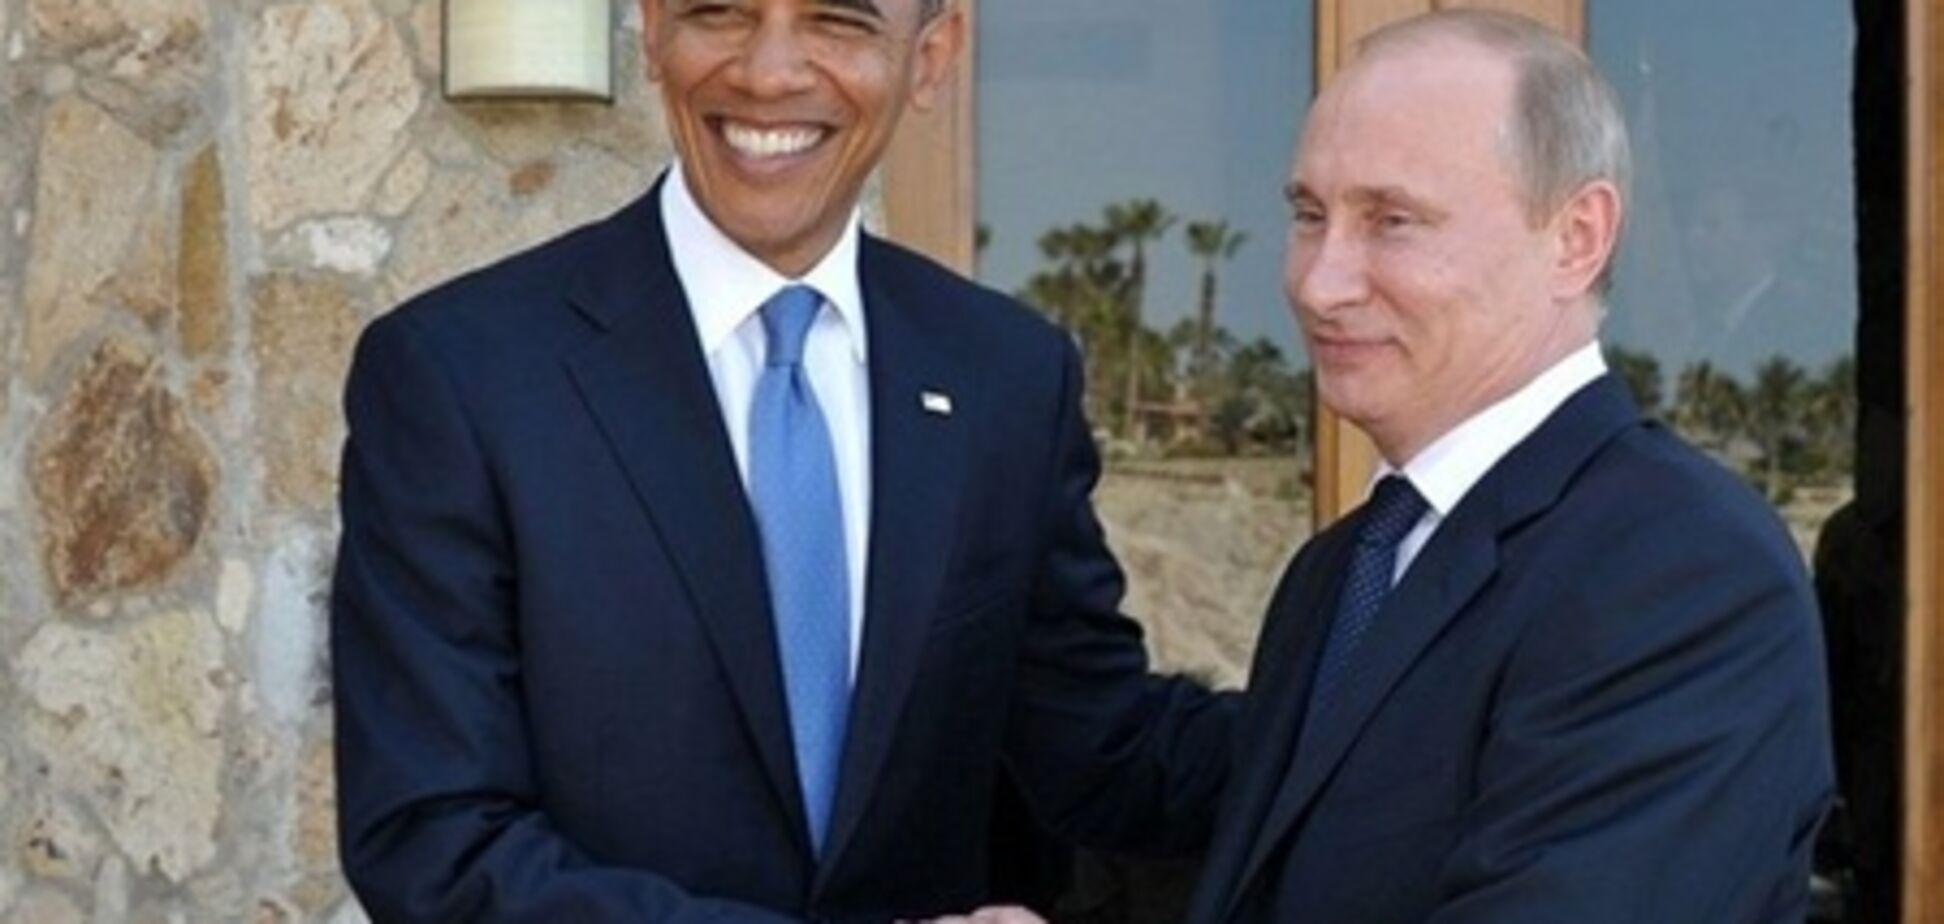 Обама, Меркель и Путин возглавили список самых влиятельных людей мира